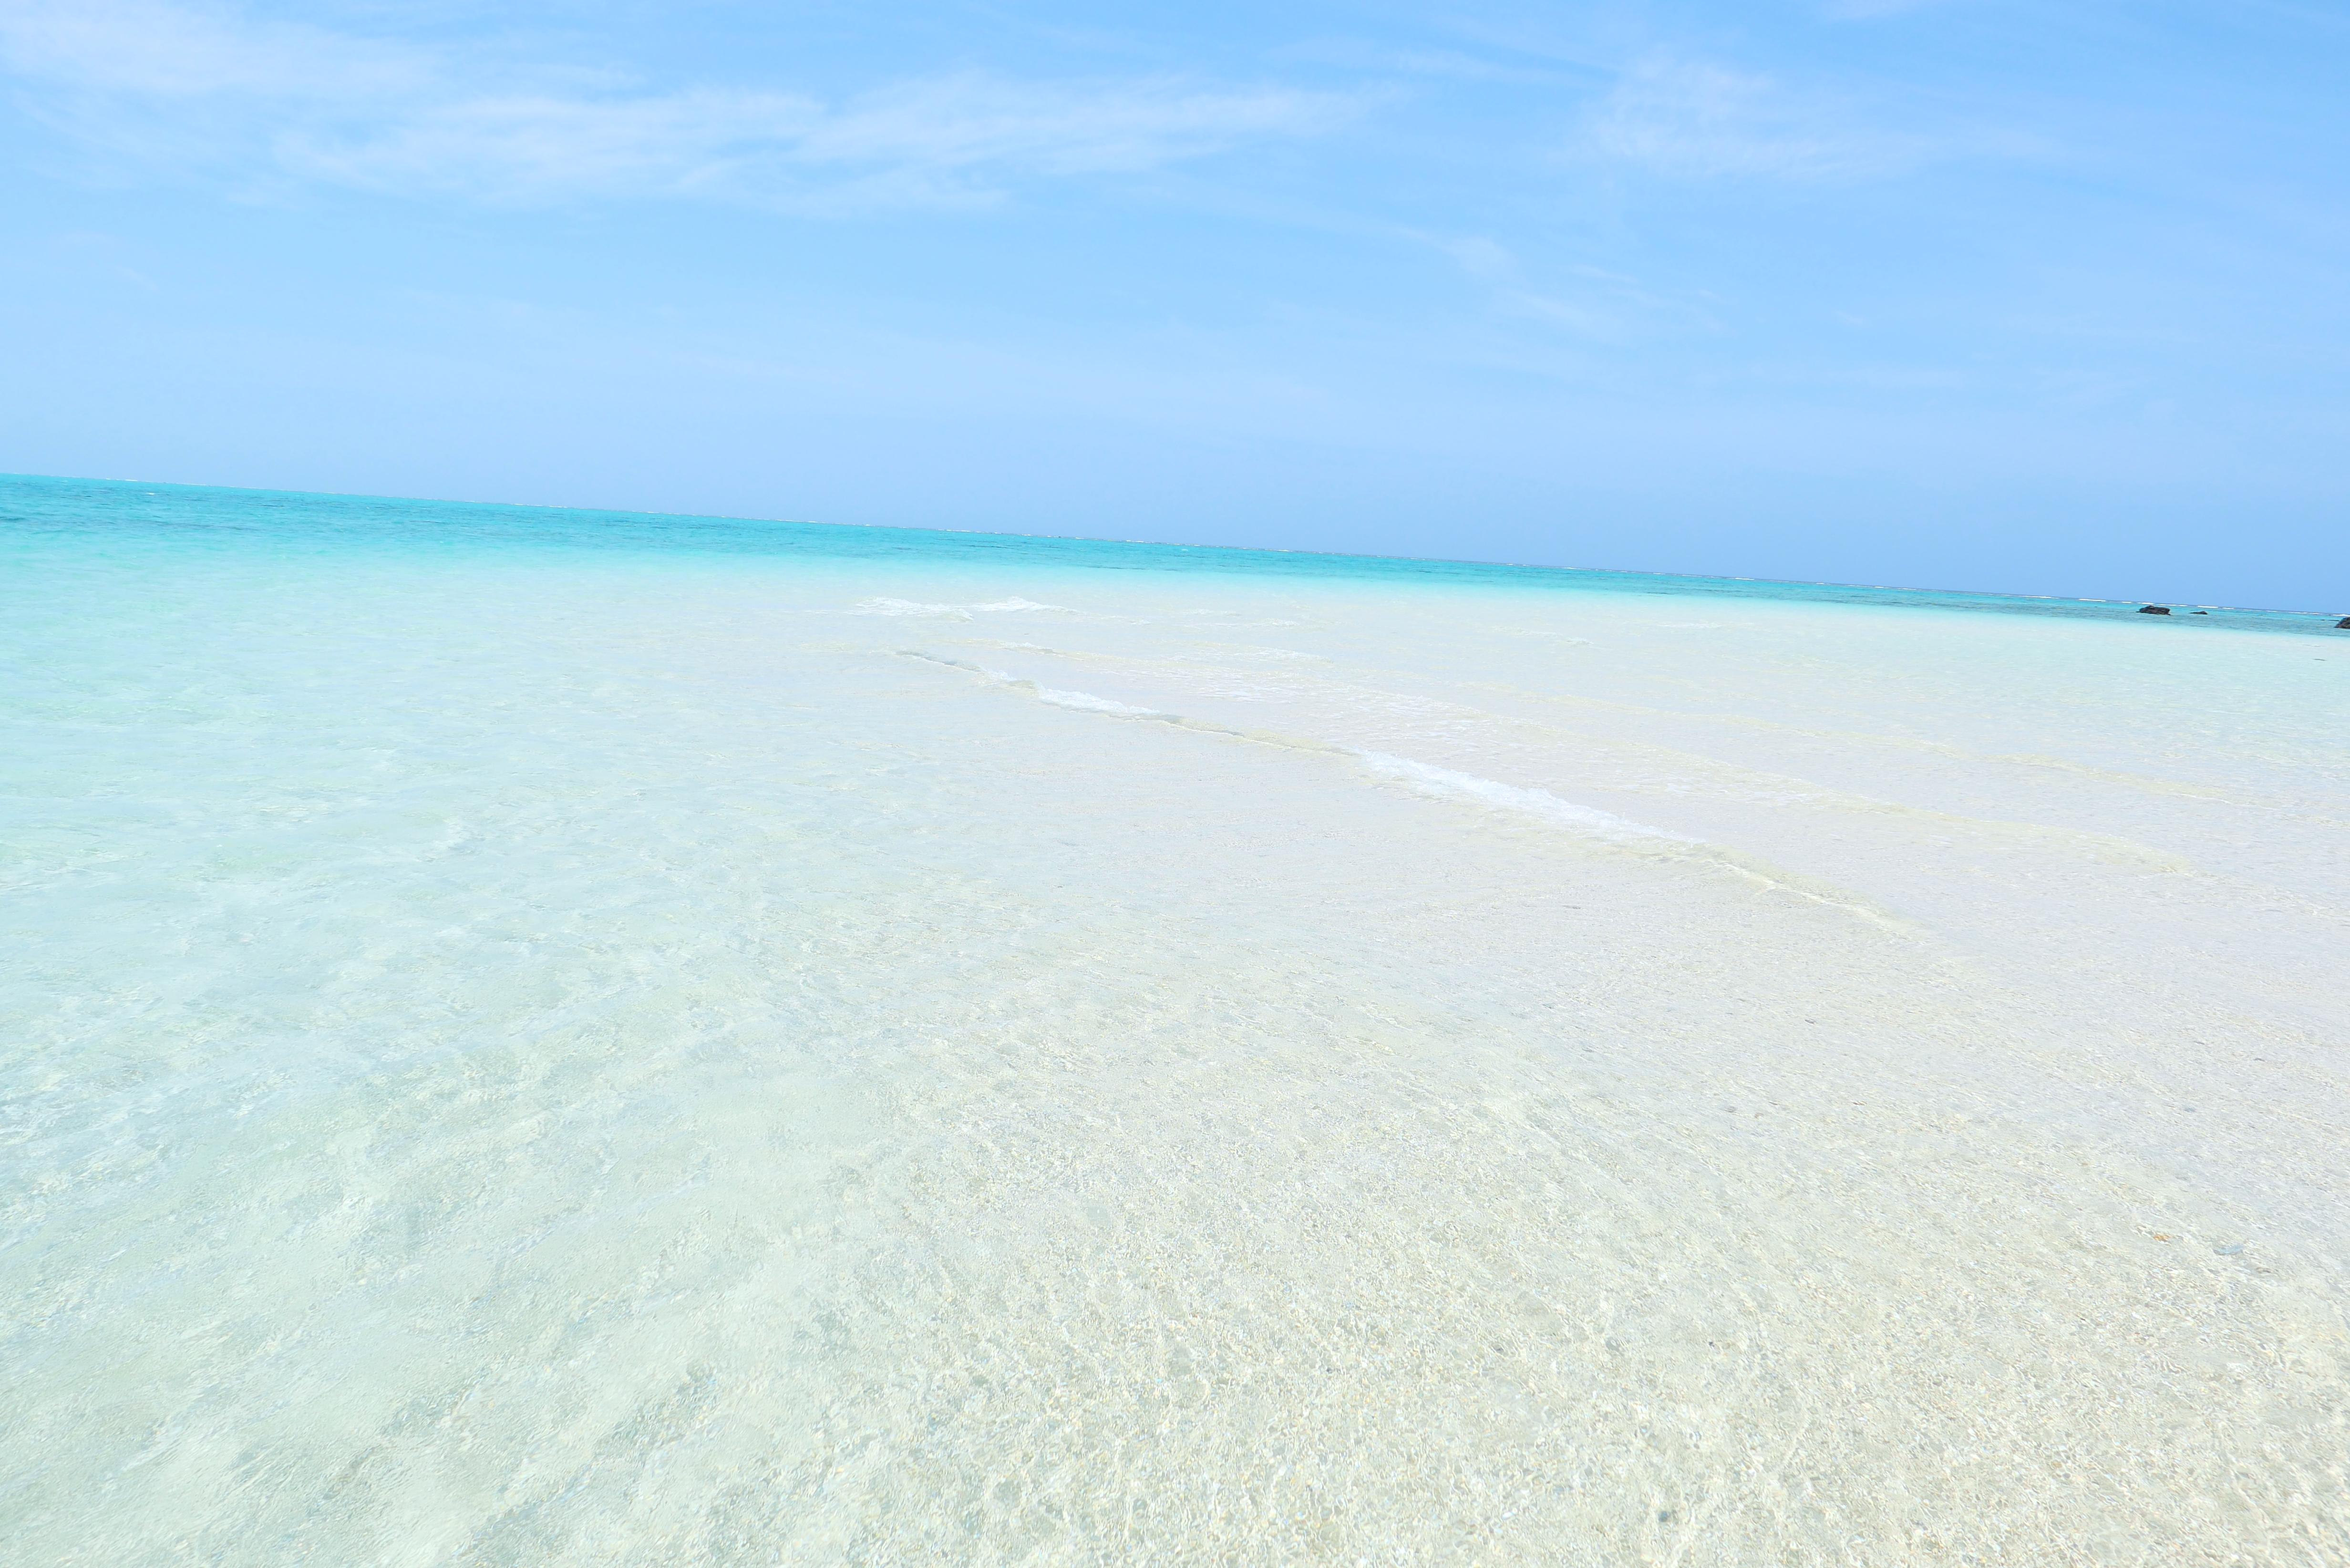 【リゾナーレ小浜島 宿泊ルポ|後編】幻の島、海上ラウンジ、日本最大珊瑚礁でのシュノーケルまで、最高のアクティビティを体験! 画像14